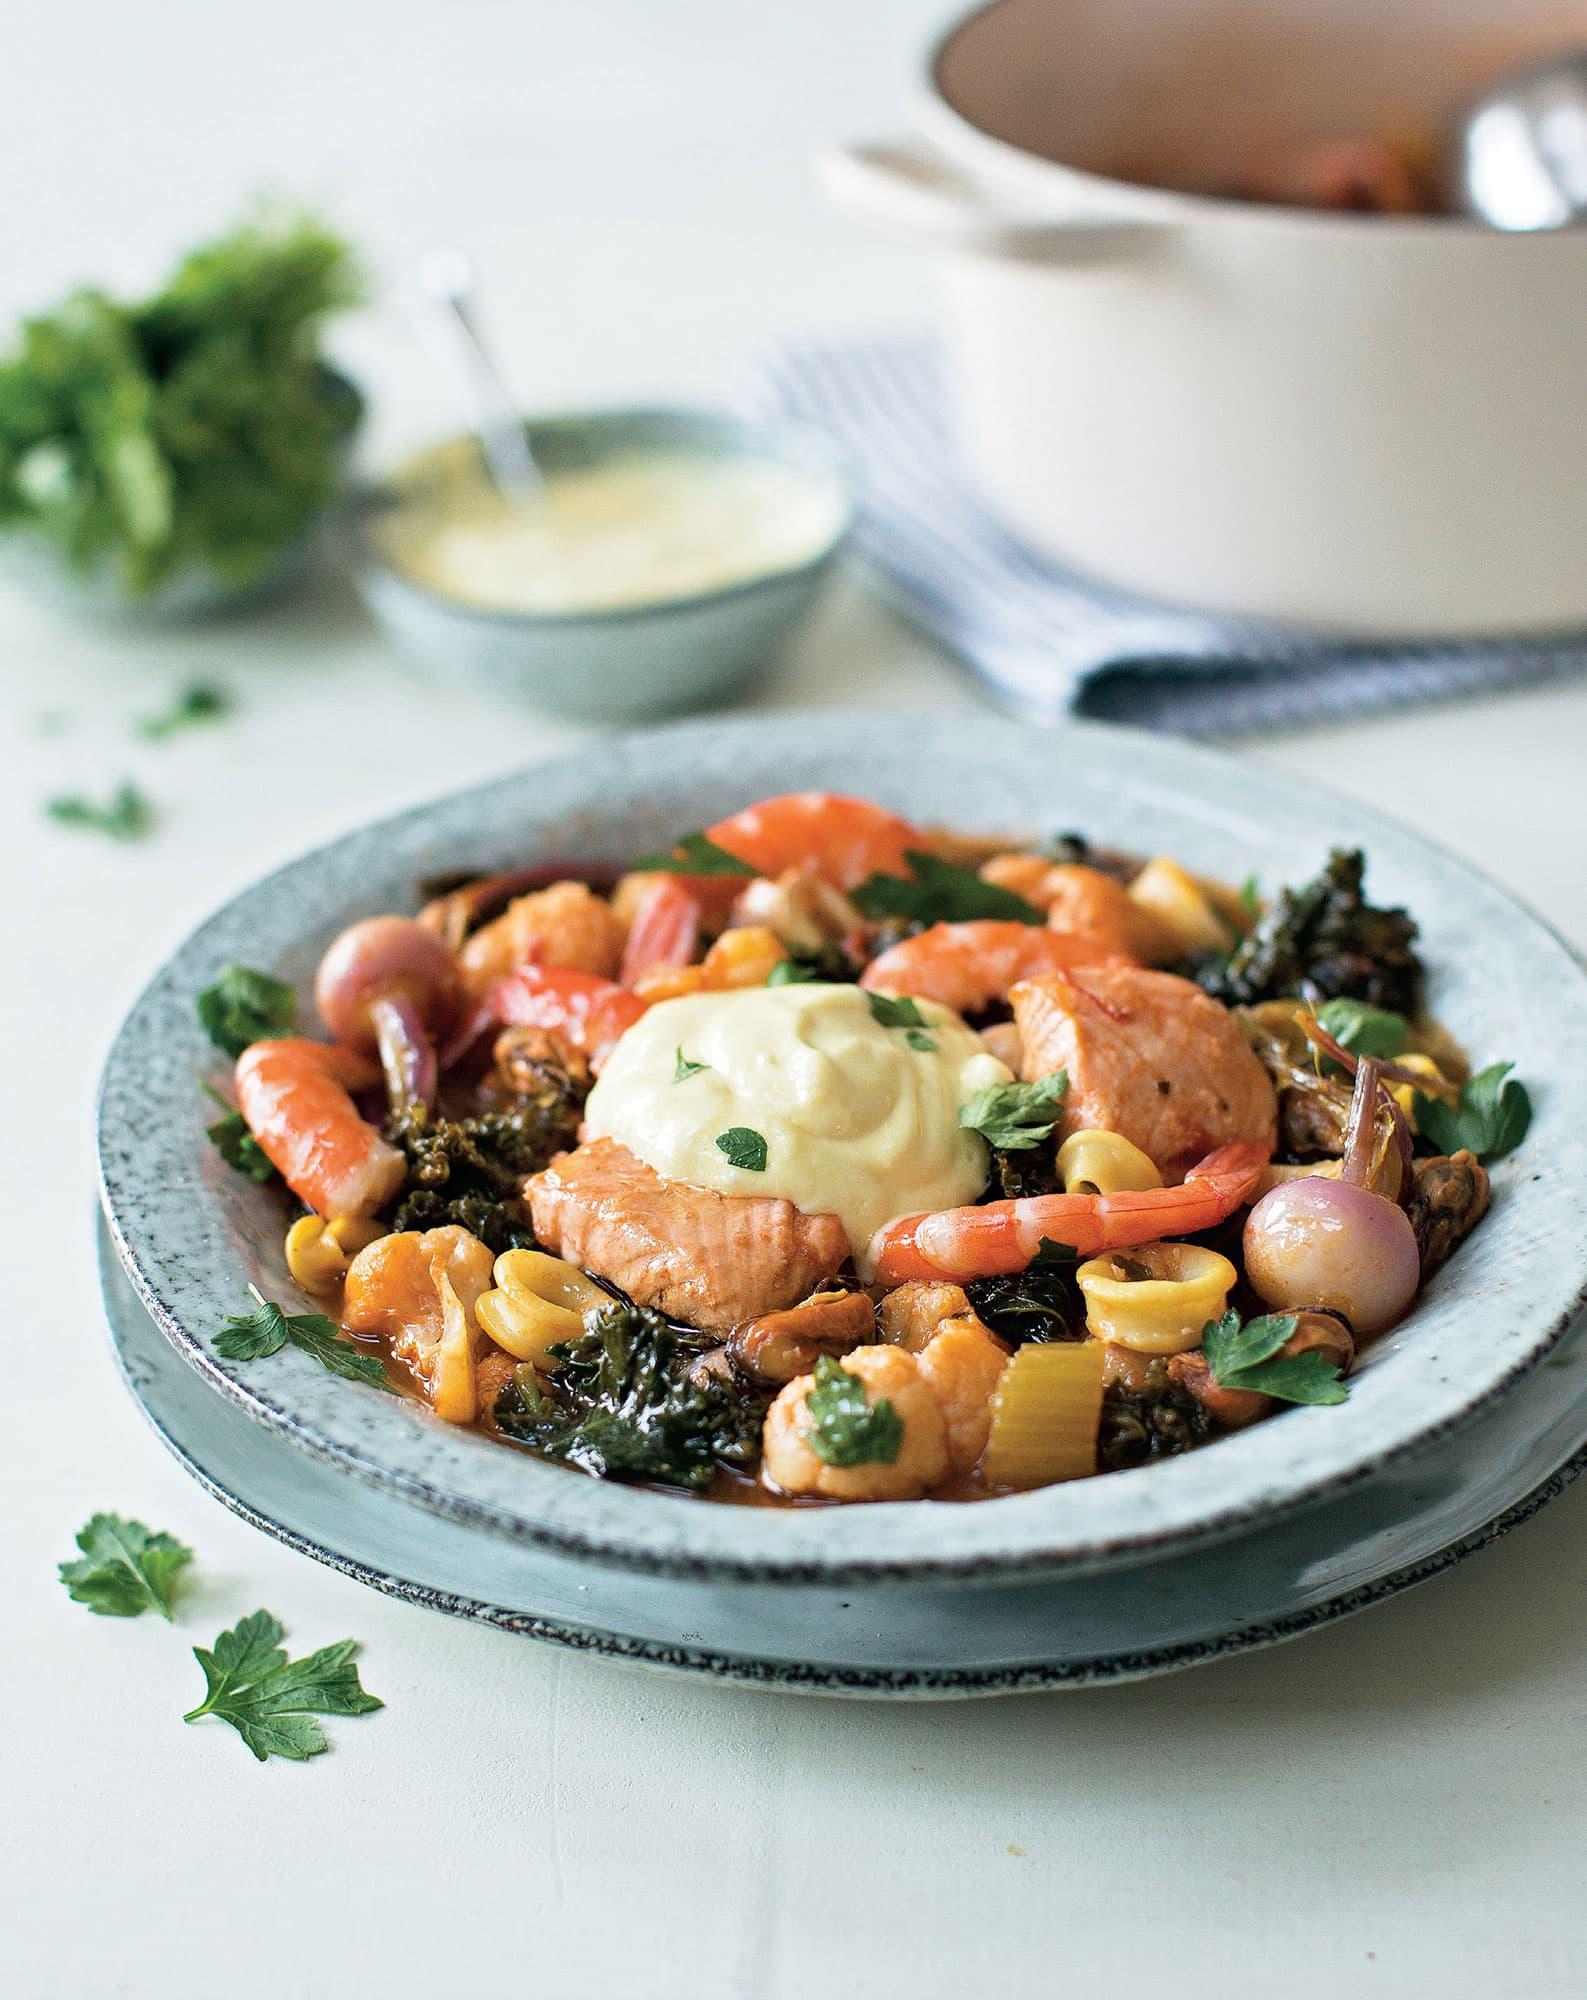 Fish & Seafood Bouillabaisse